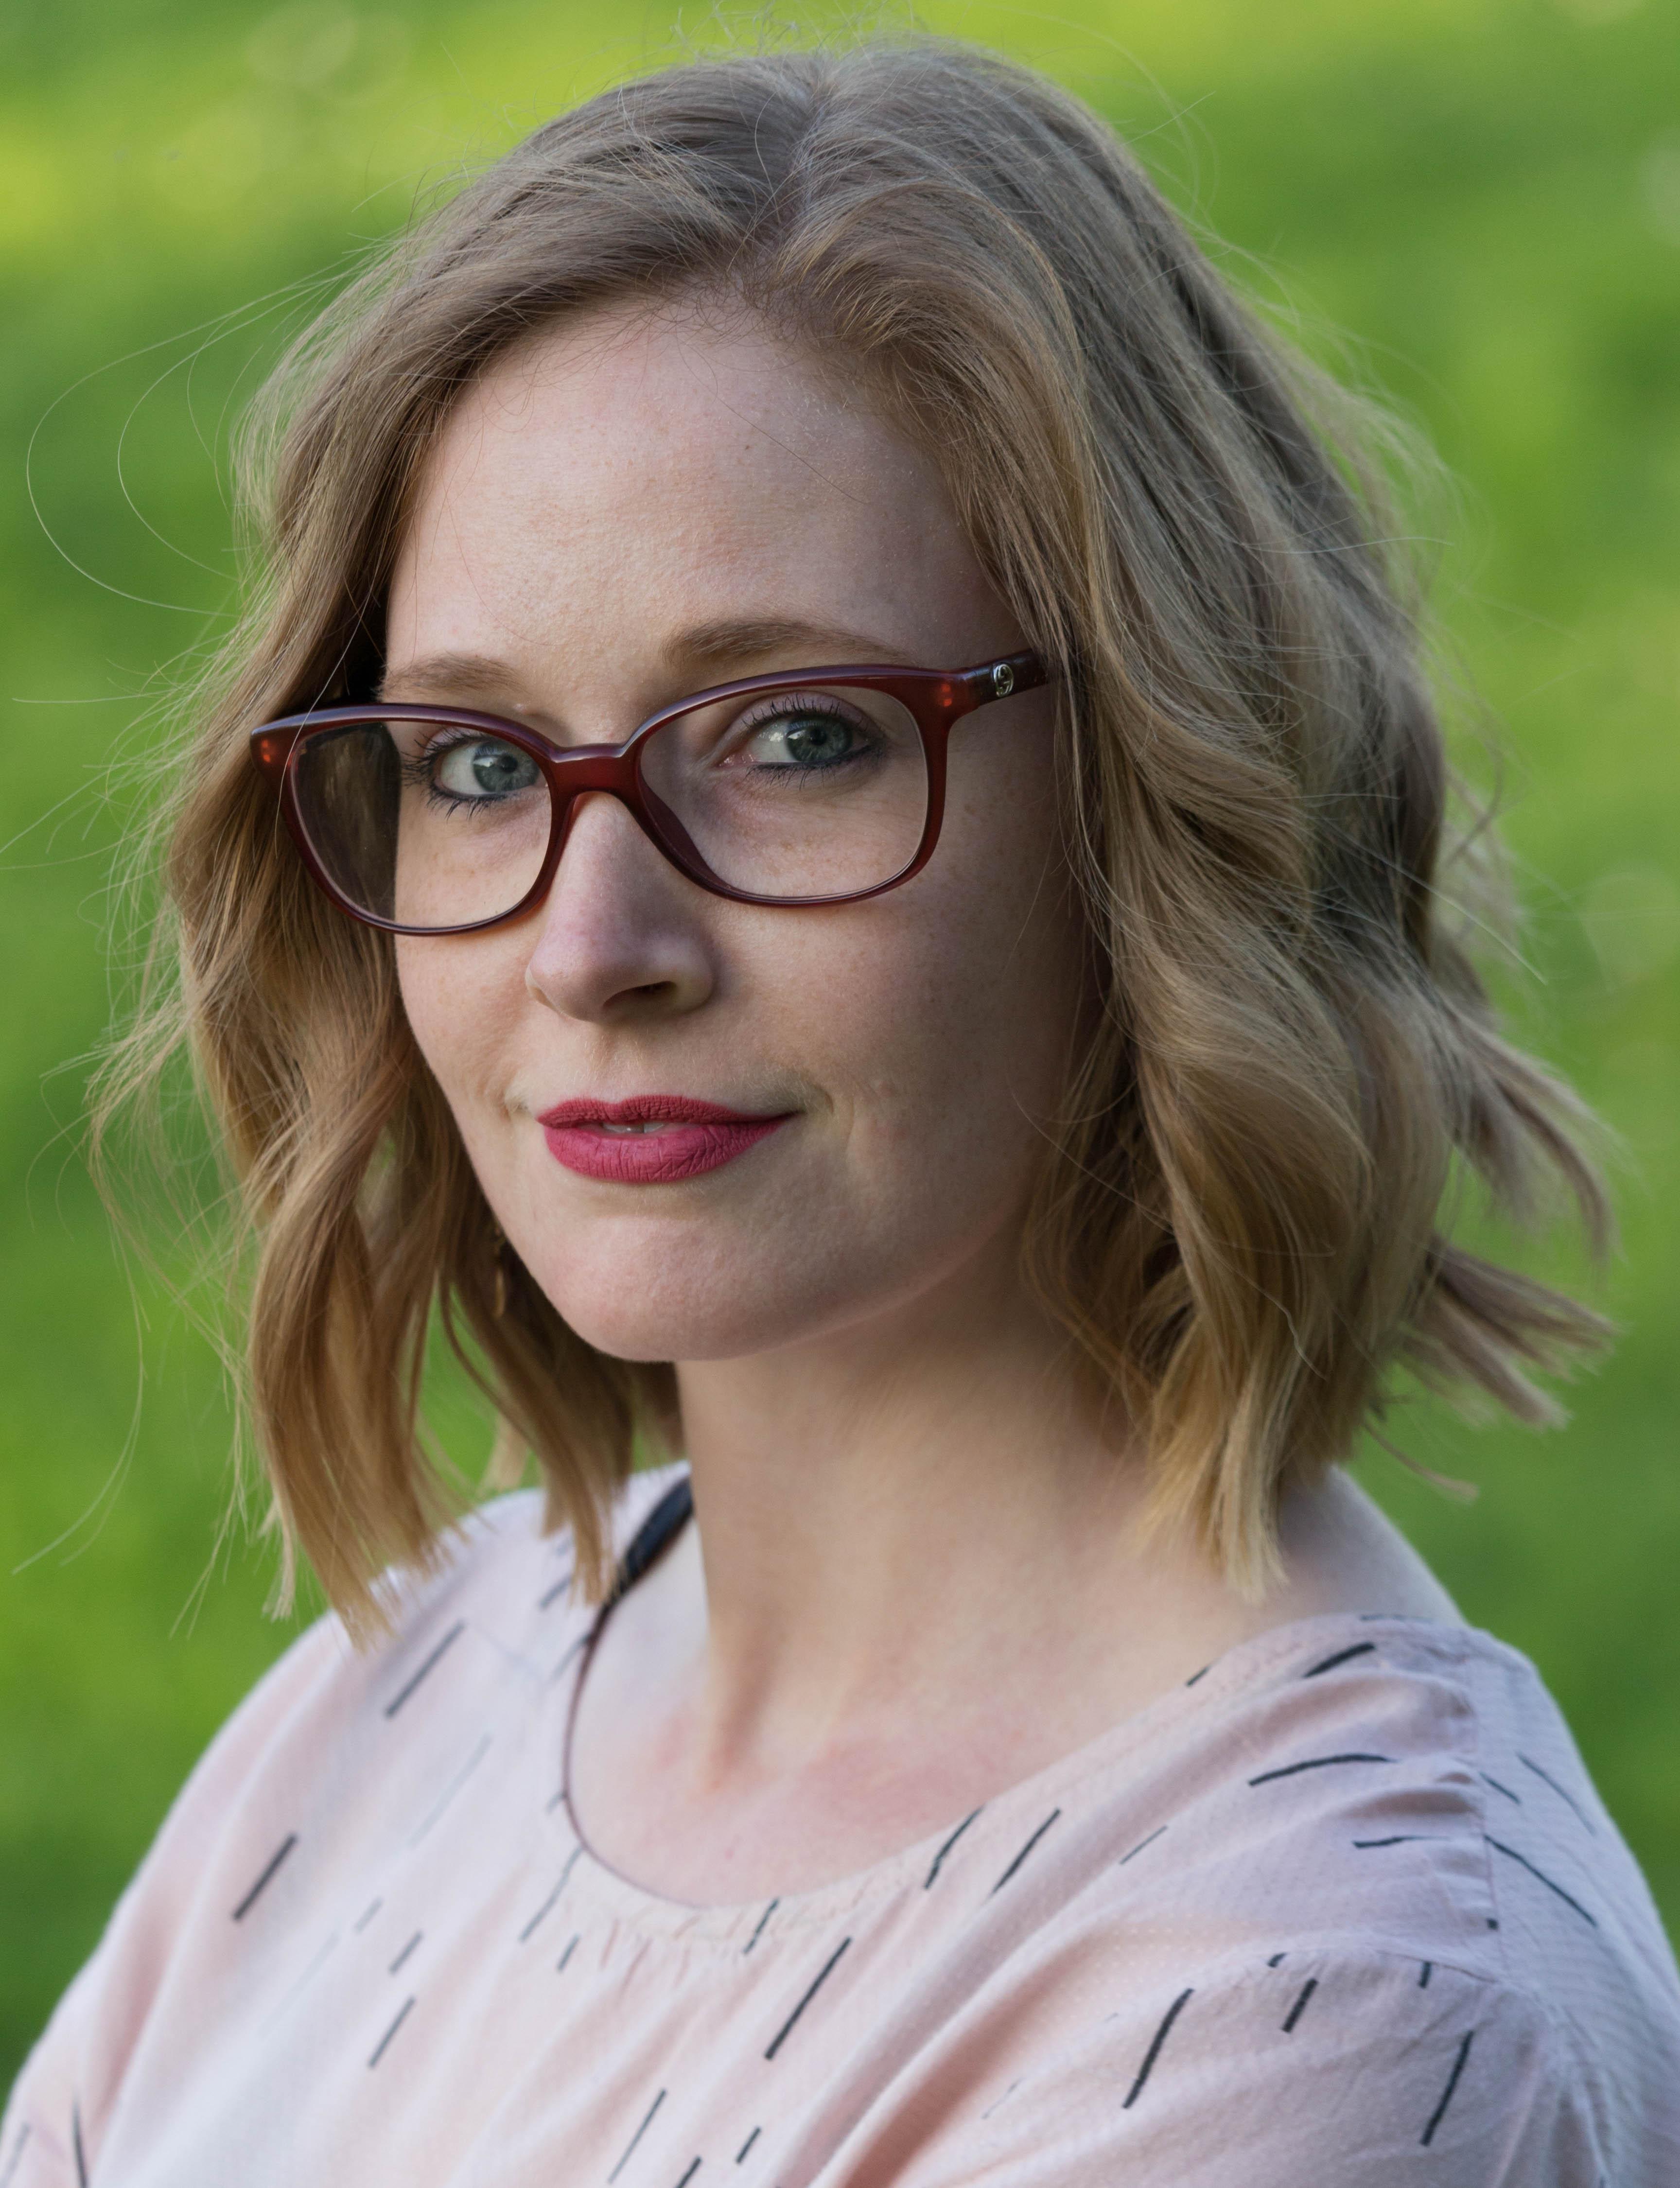 Natasha Dewulf